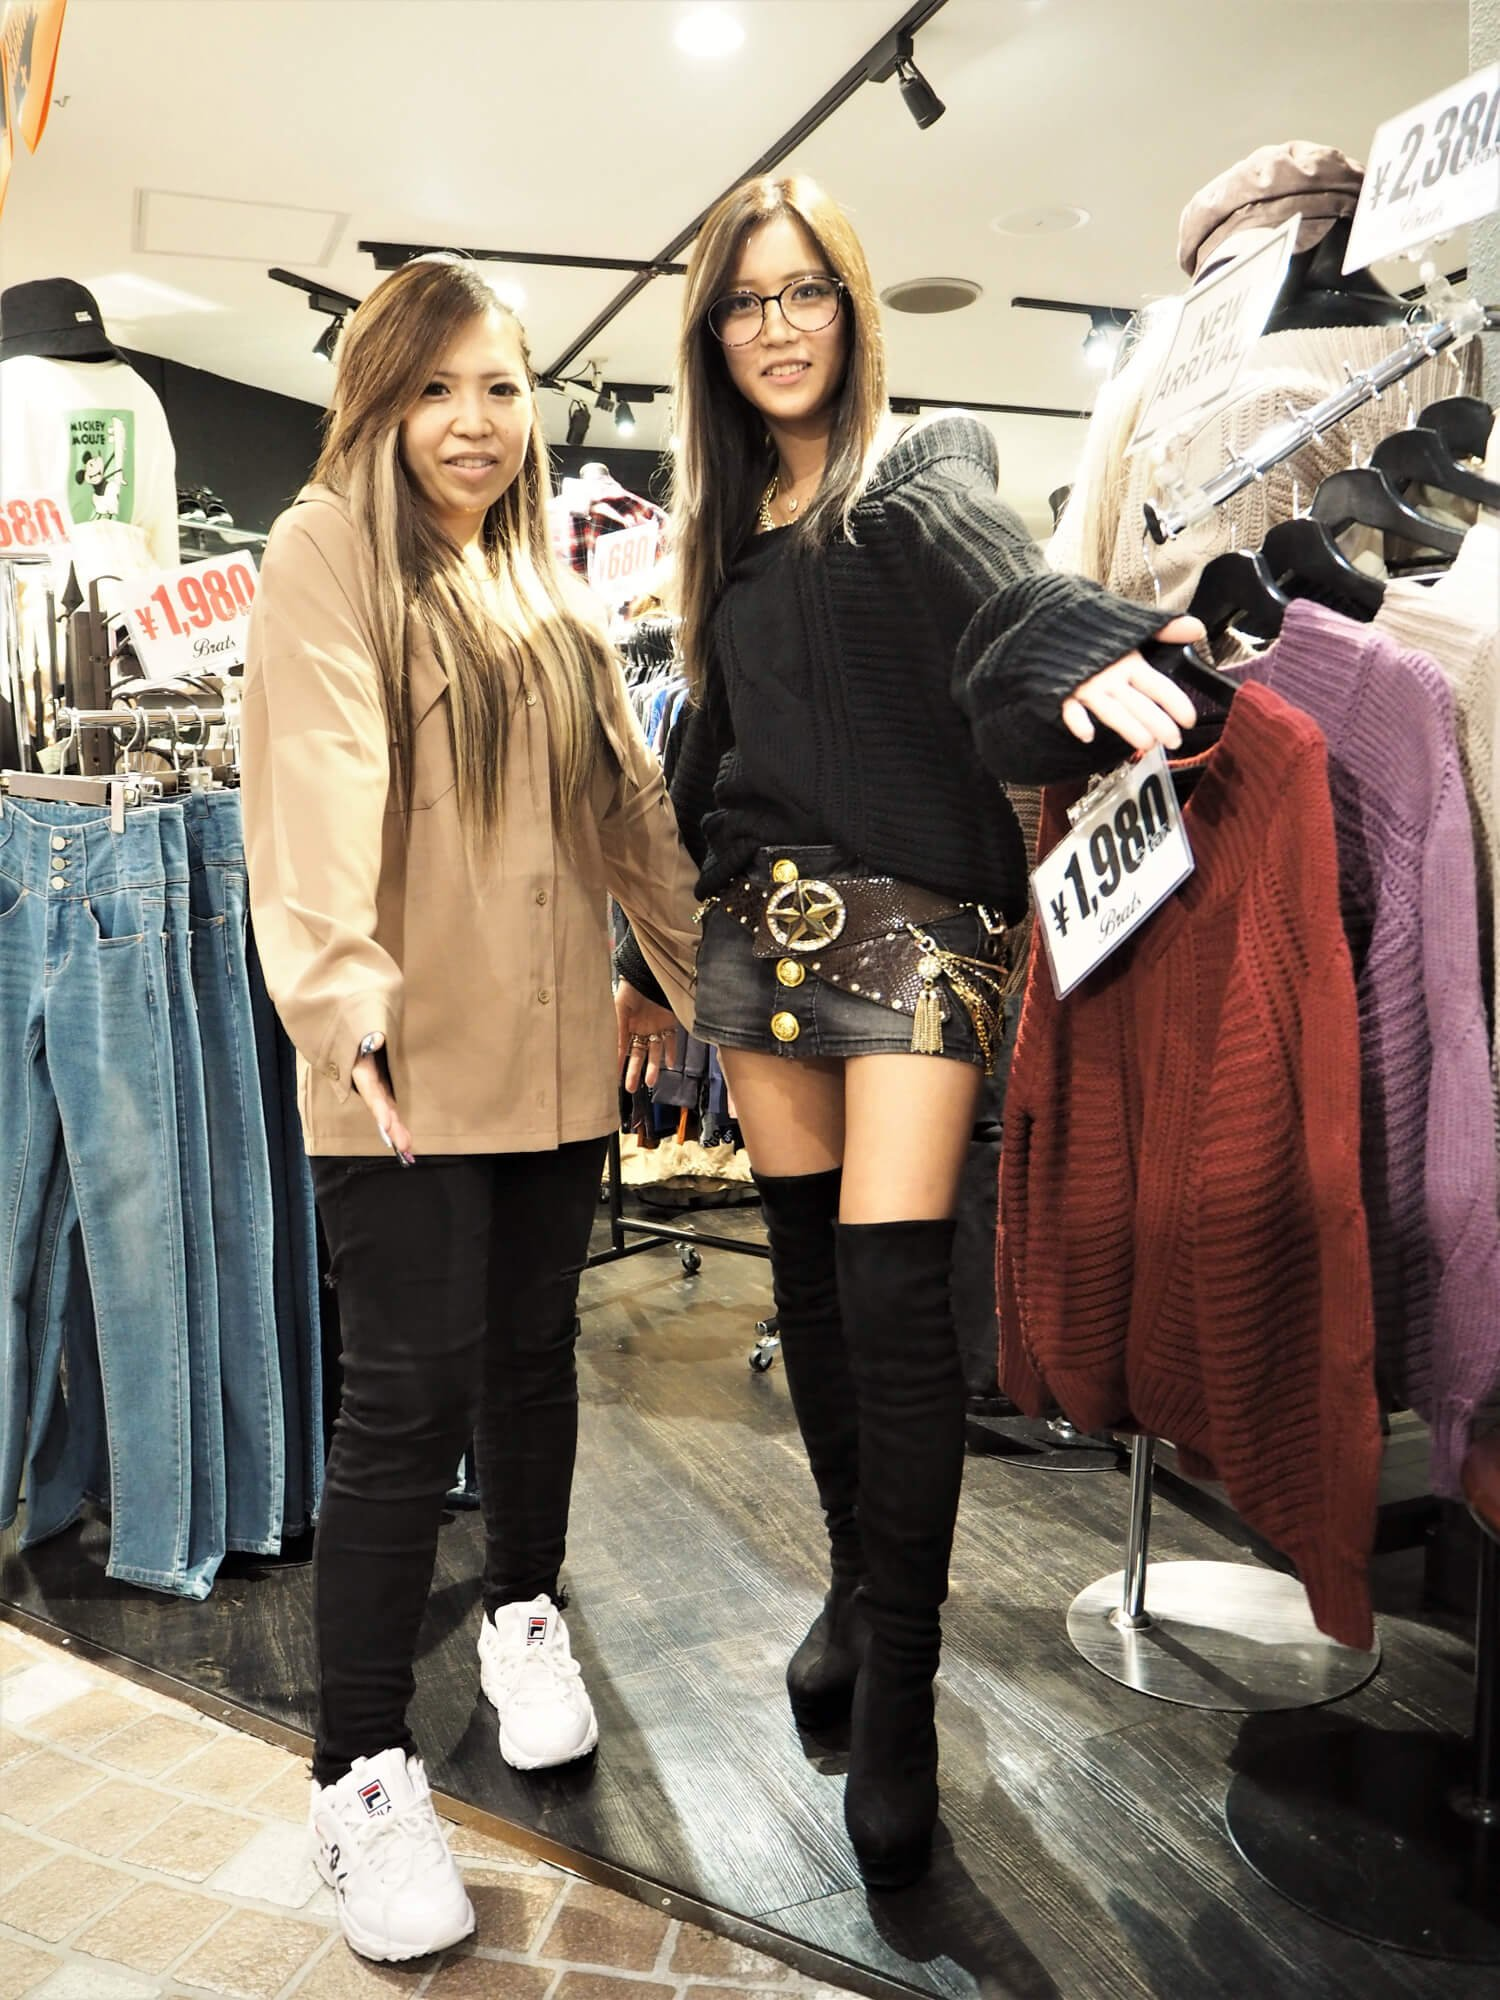 『Brats 町田ジョルナ店』のマオさん(右)&モモコさん(左)「ギャルブームまた復活してほしいですね~!」。